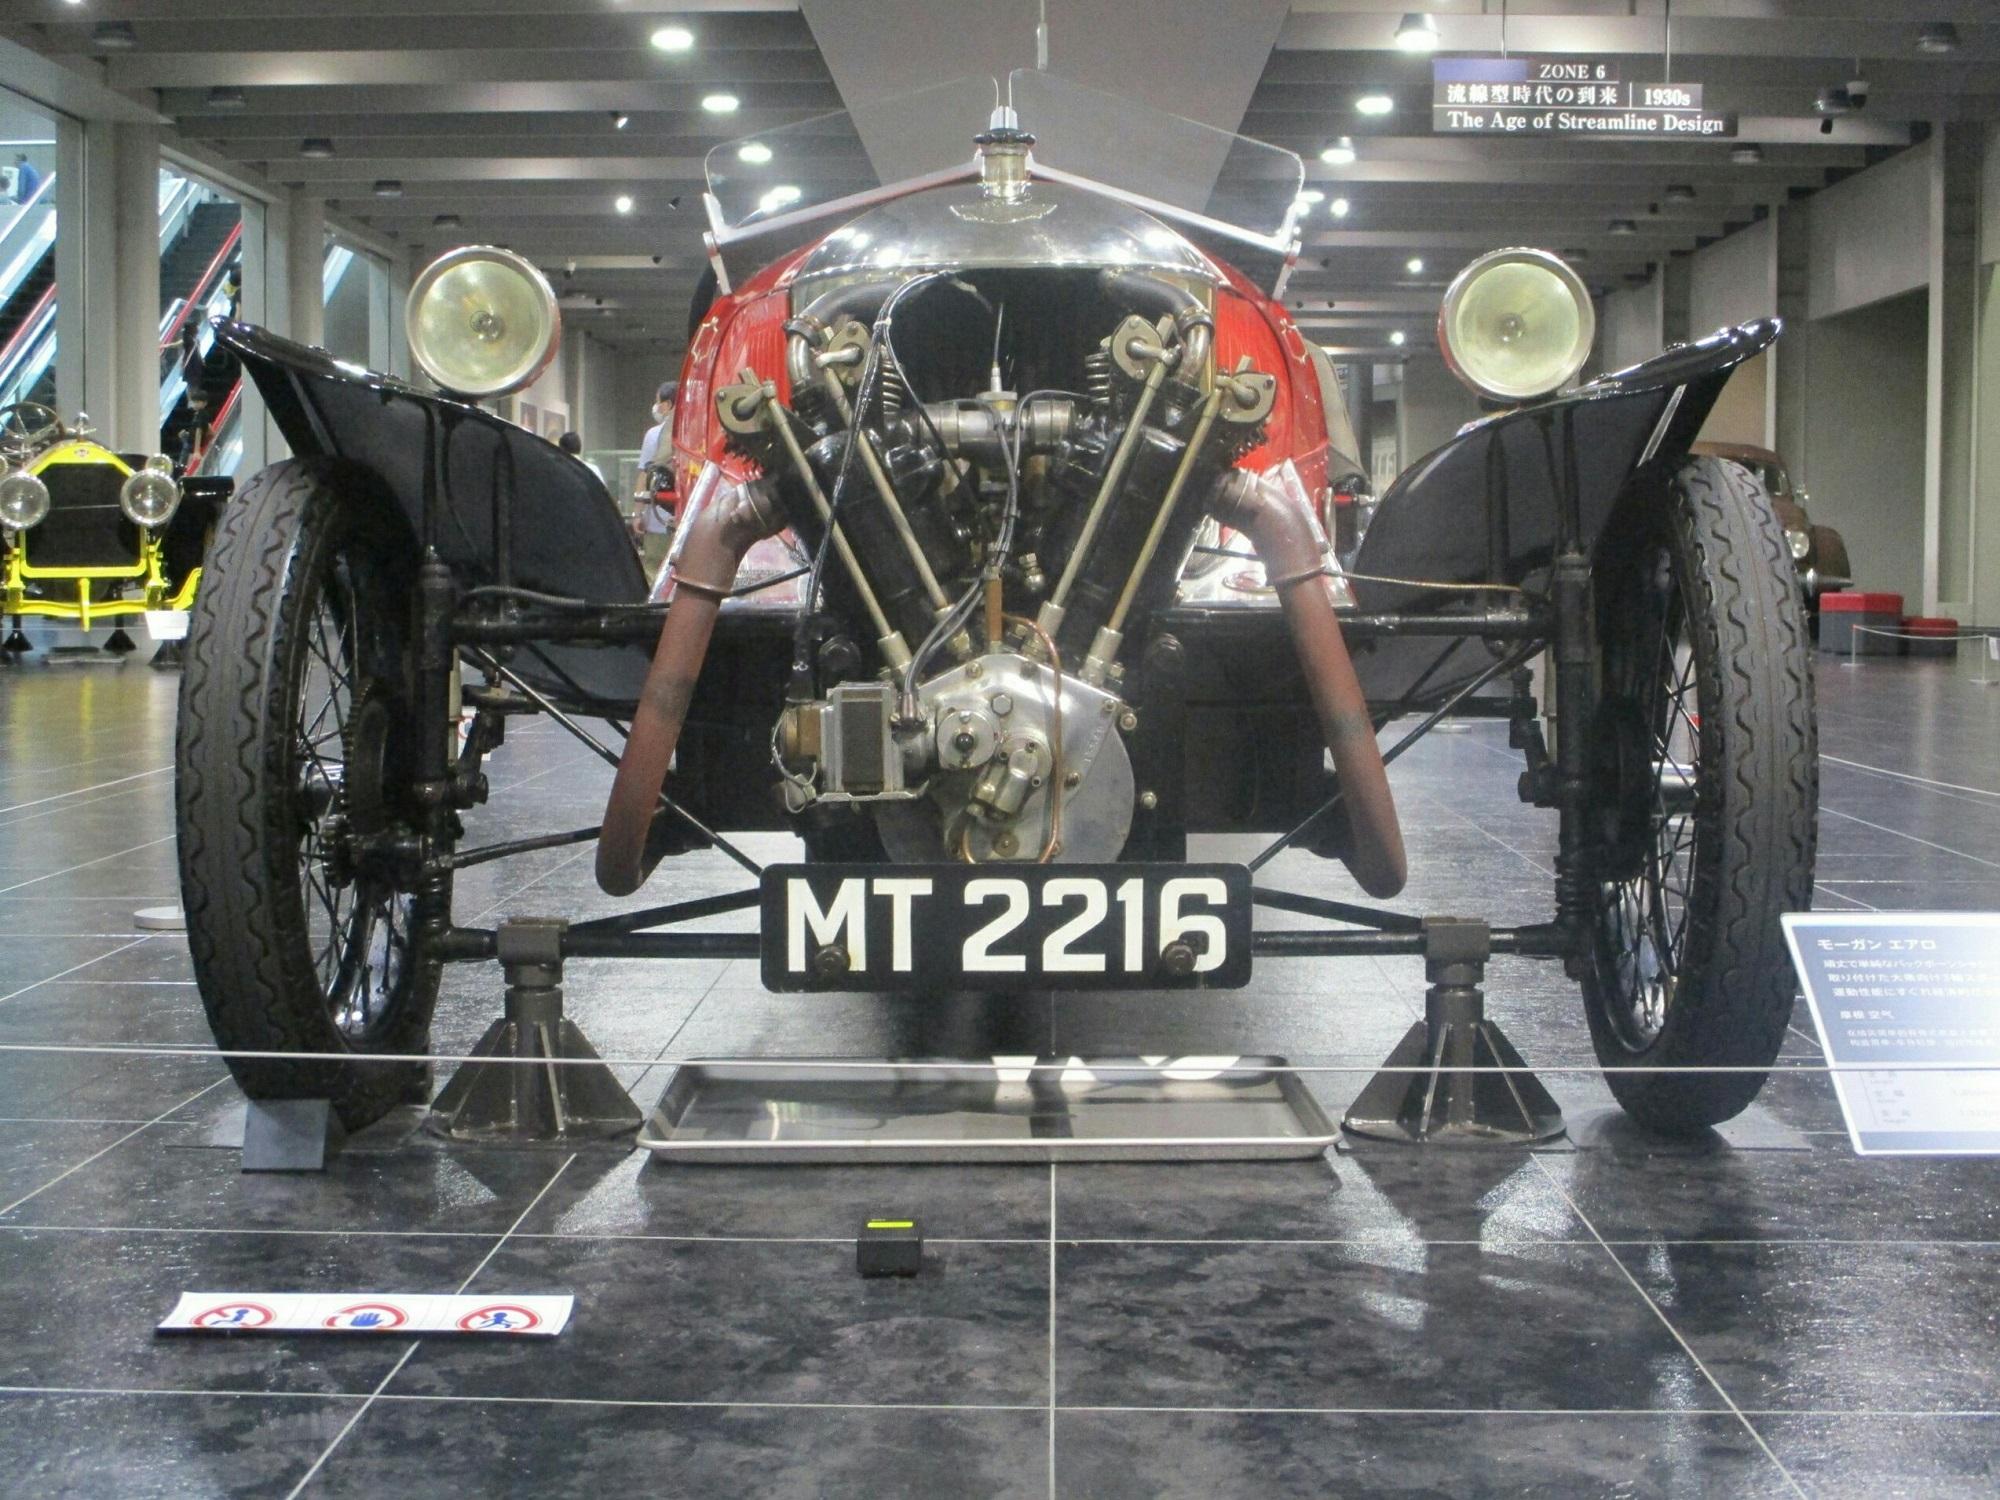 2019.6.30 (62) トヨタ博物館 - モーガンエアロ 2000-1500